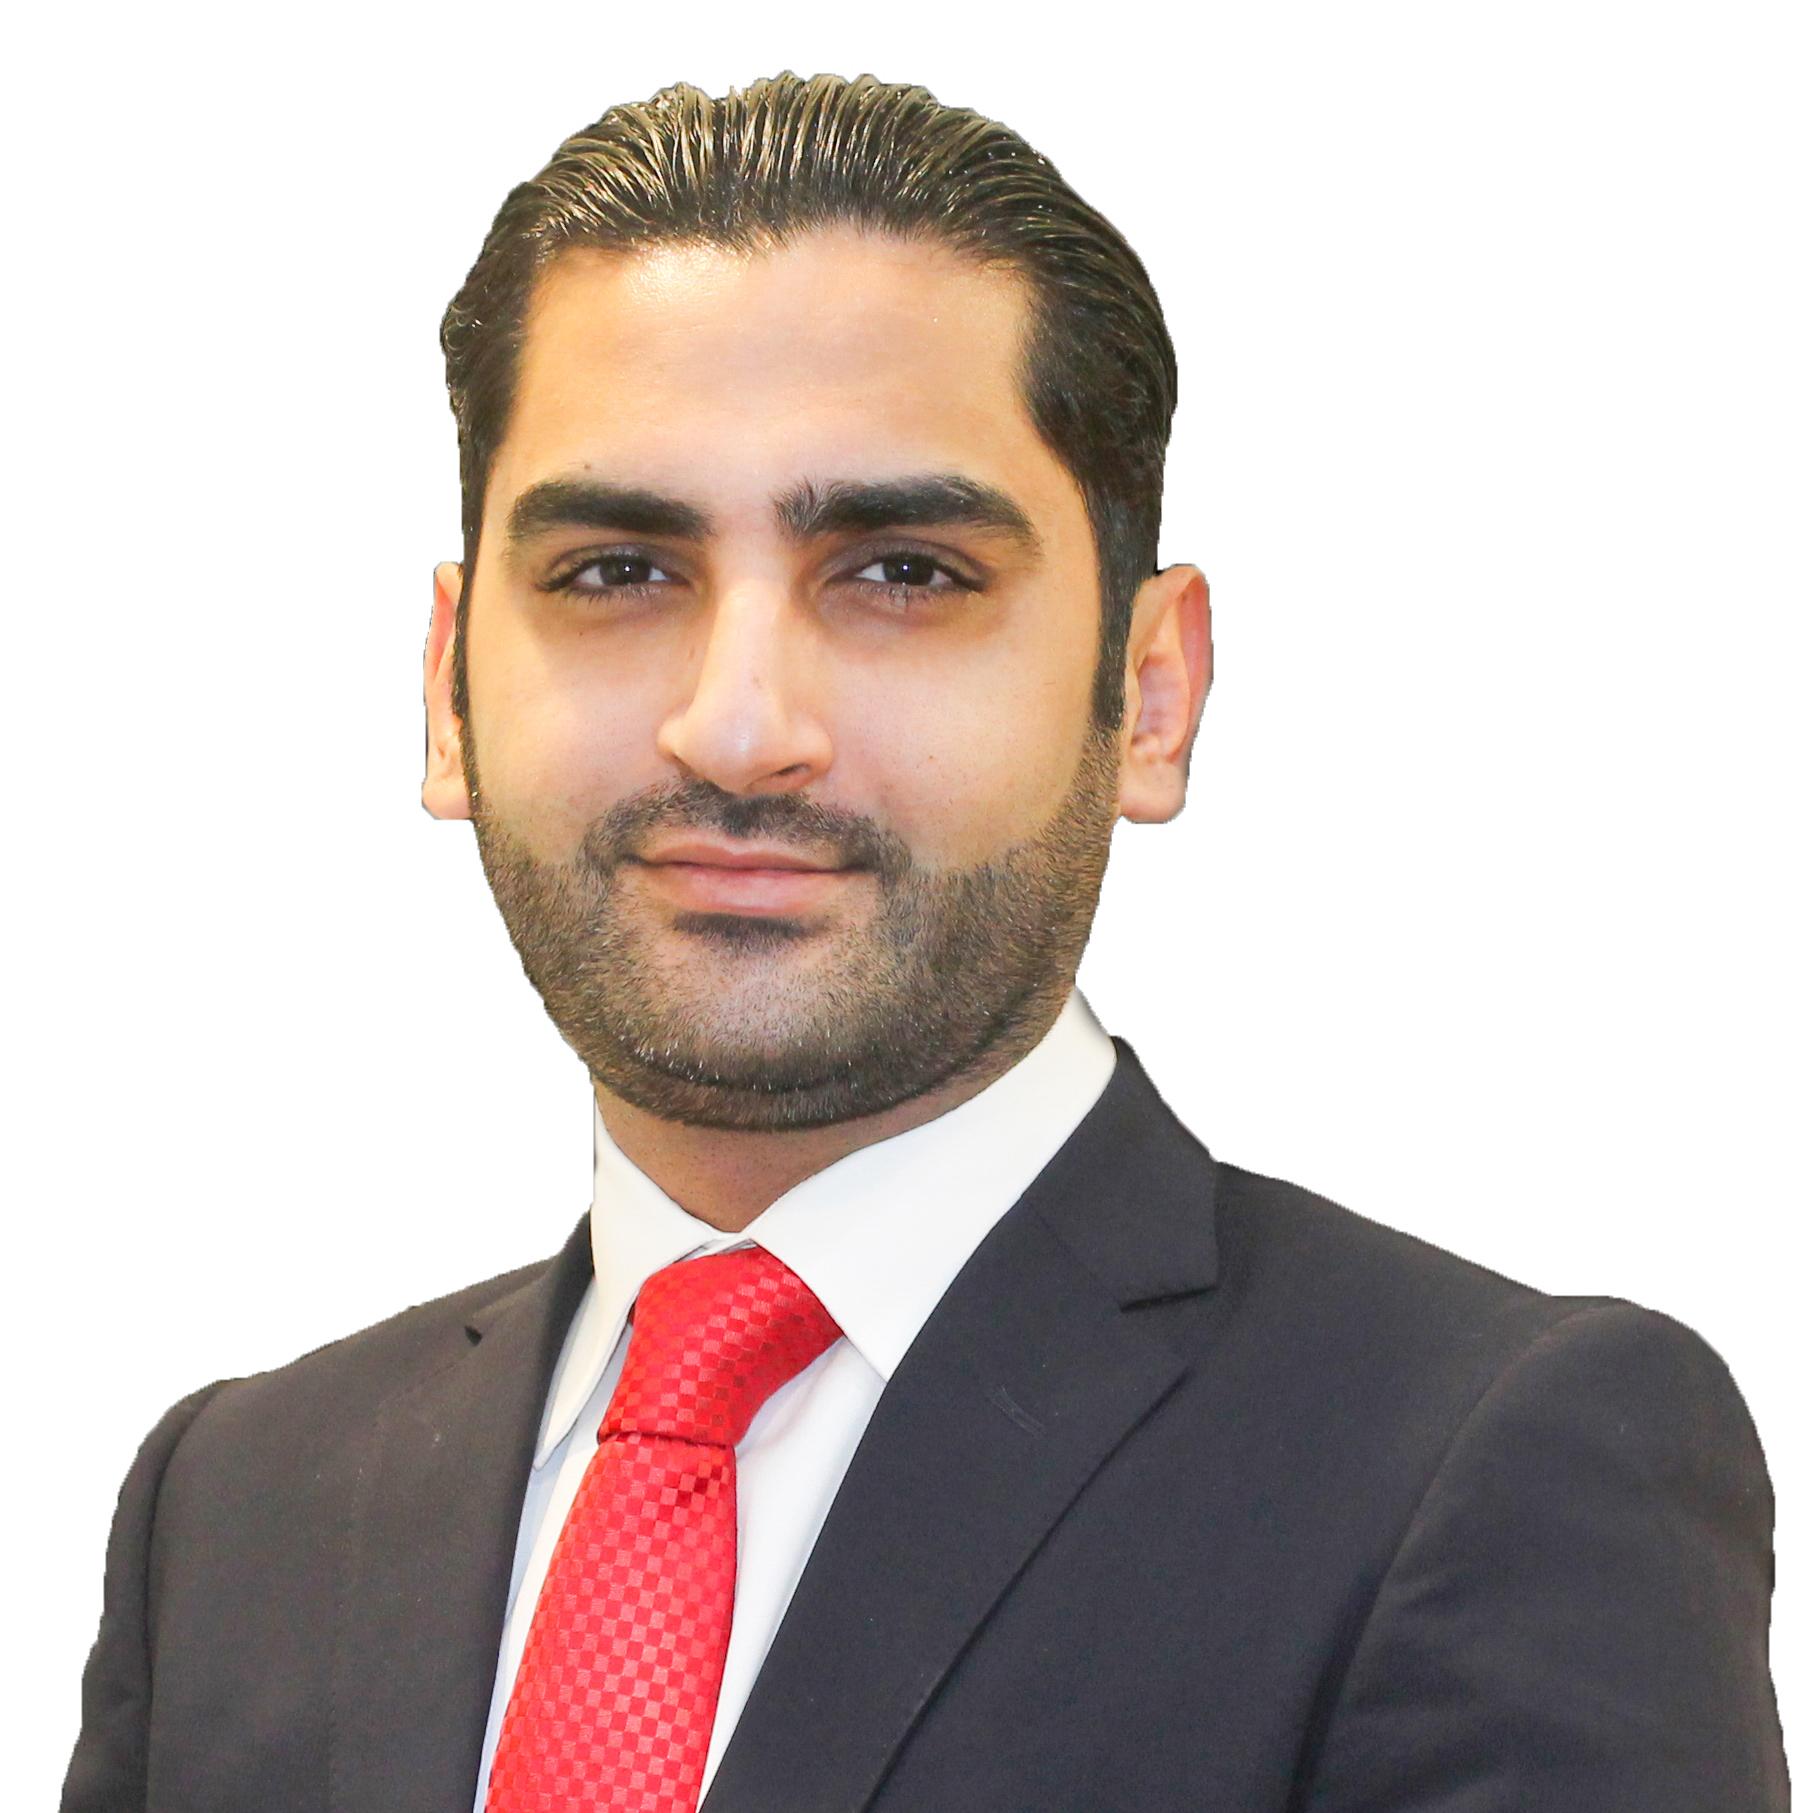 Saleem Karsaz